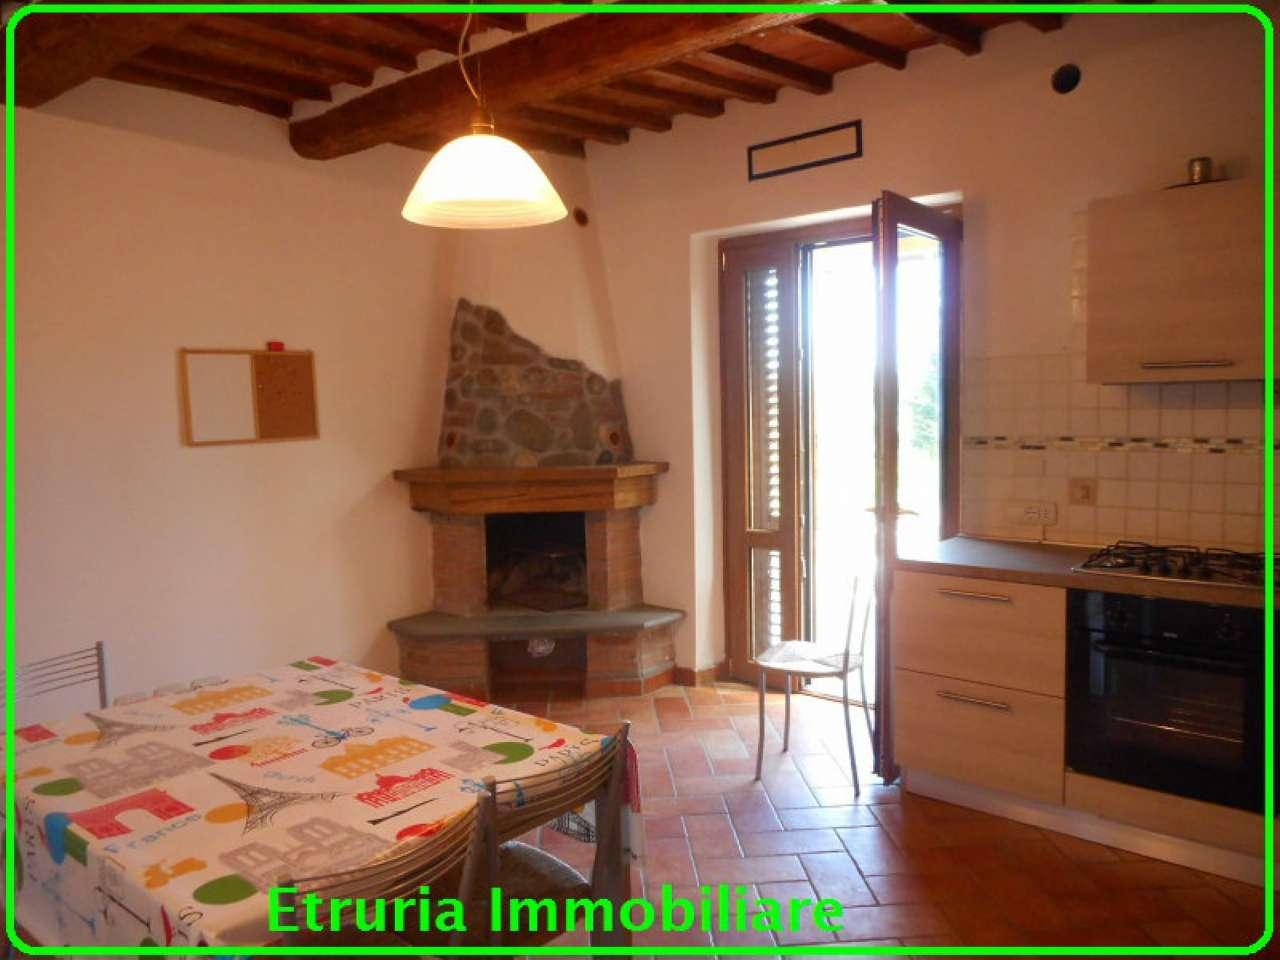 Palazzo / Stabile in vendita a Pistoia, 4 locali, prezzo € 187.000 | CambioCasa.it